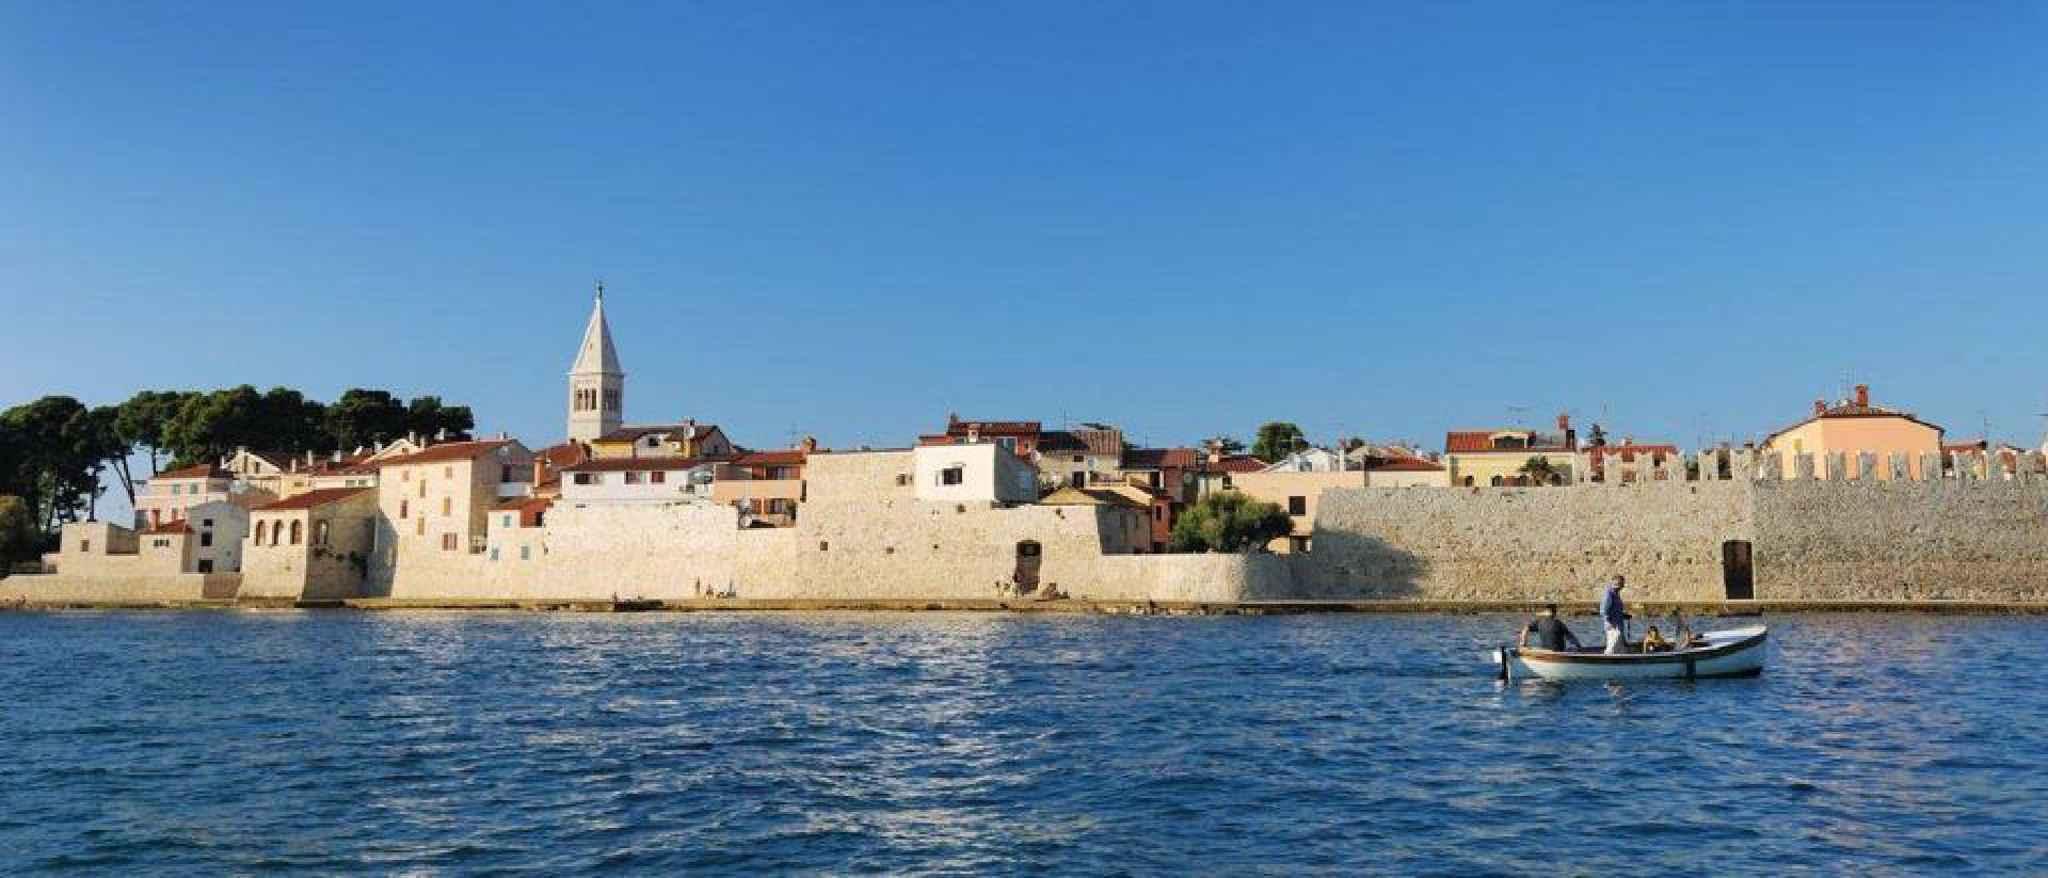 Ferienwohnung mit Pool (280350), Porec, , Istrien, Kroatien, Bild 42